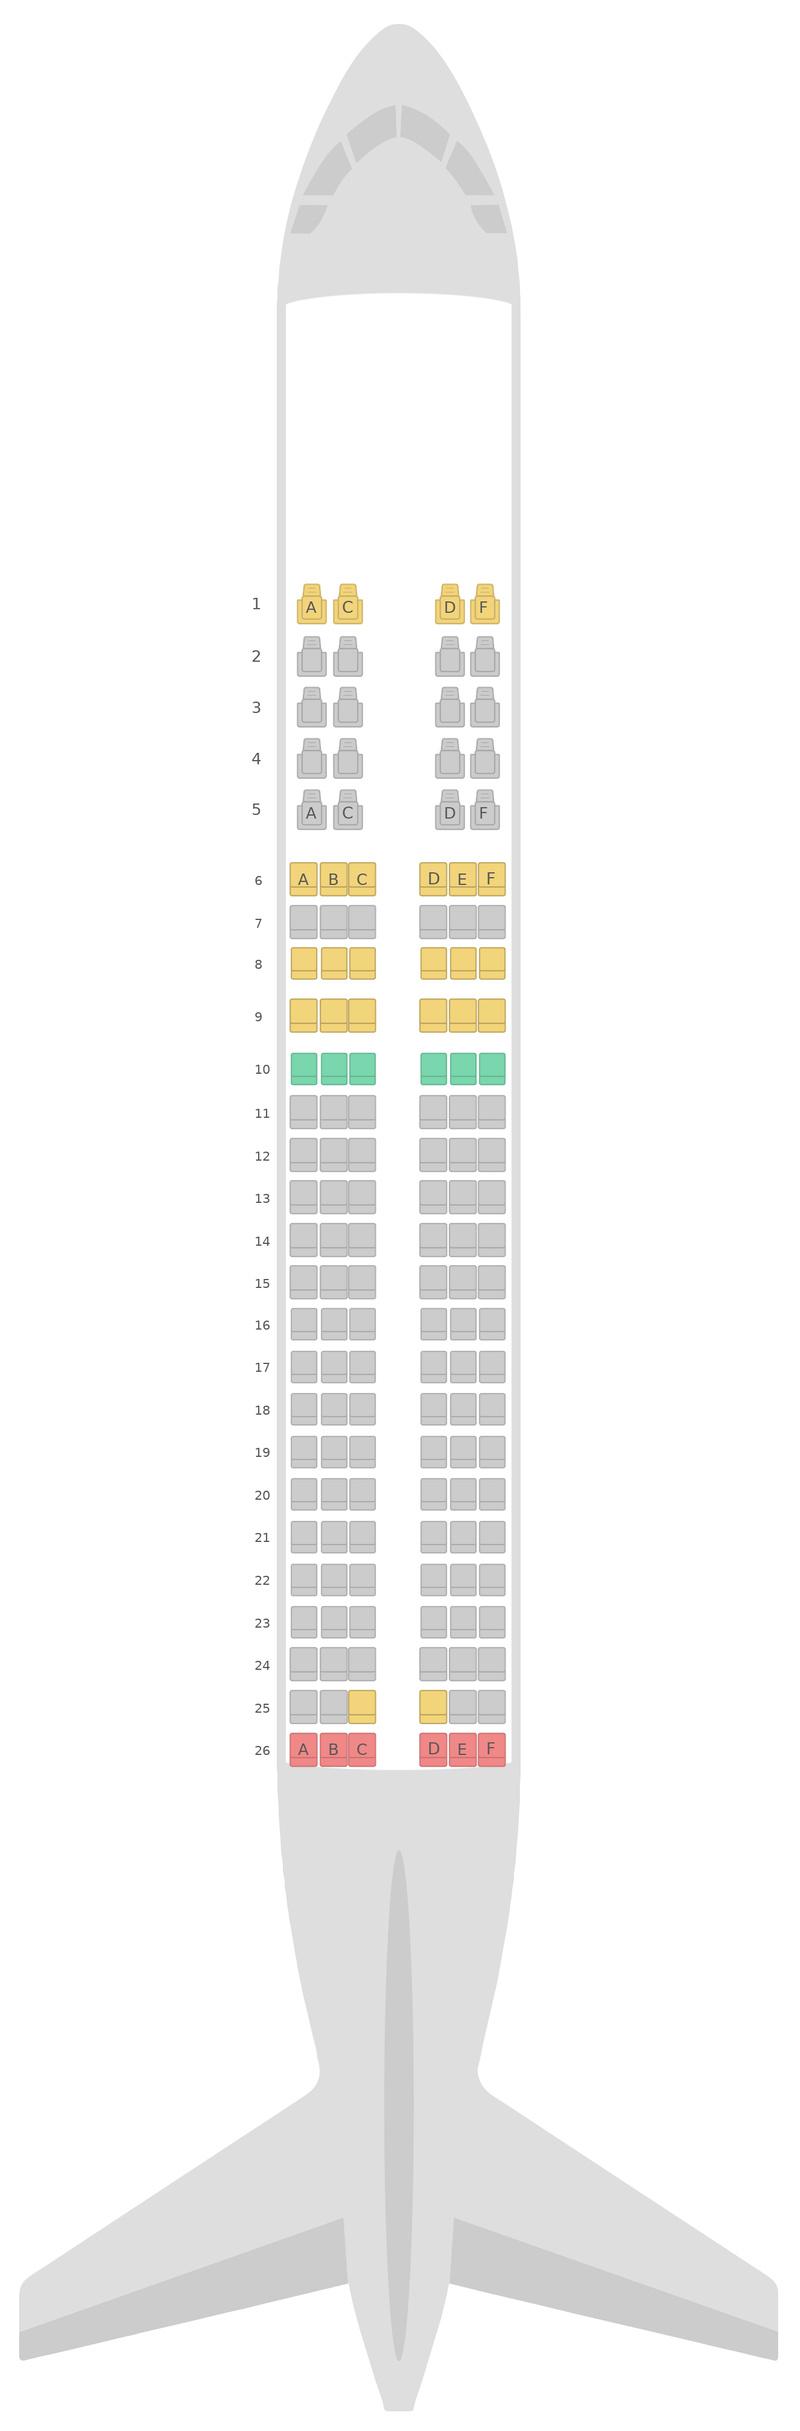 Sitzplan Airbus A320 2 Class Azerbaijan Airlines